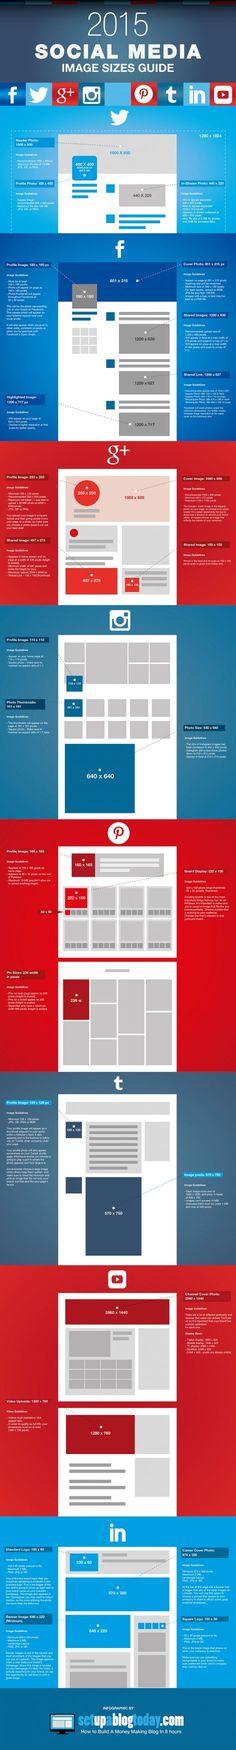 Infográfico mostra tamanhos ideais para imagem em cada rede social